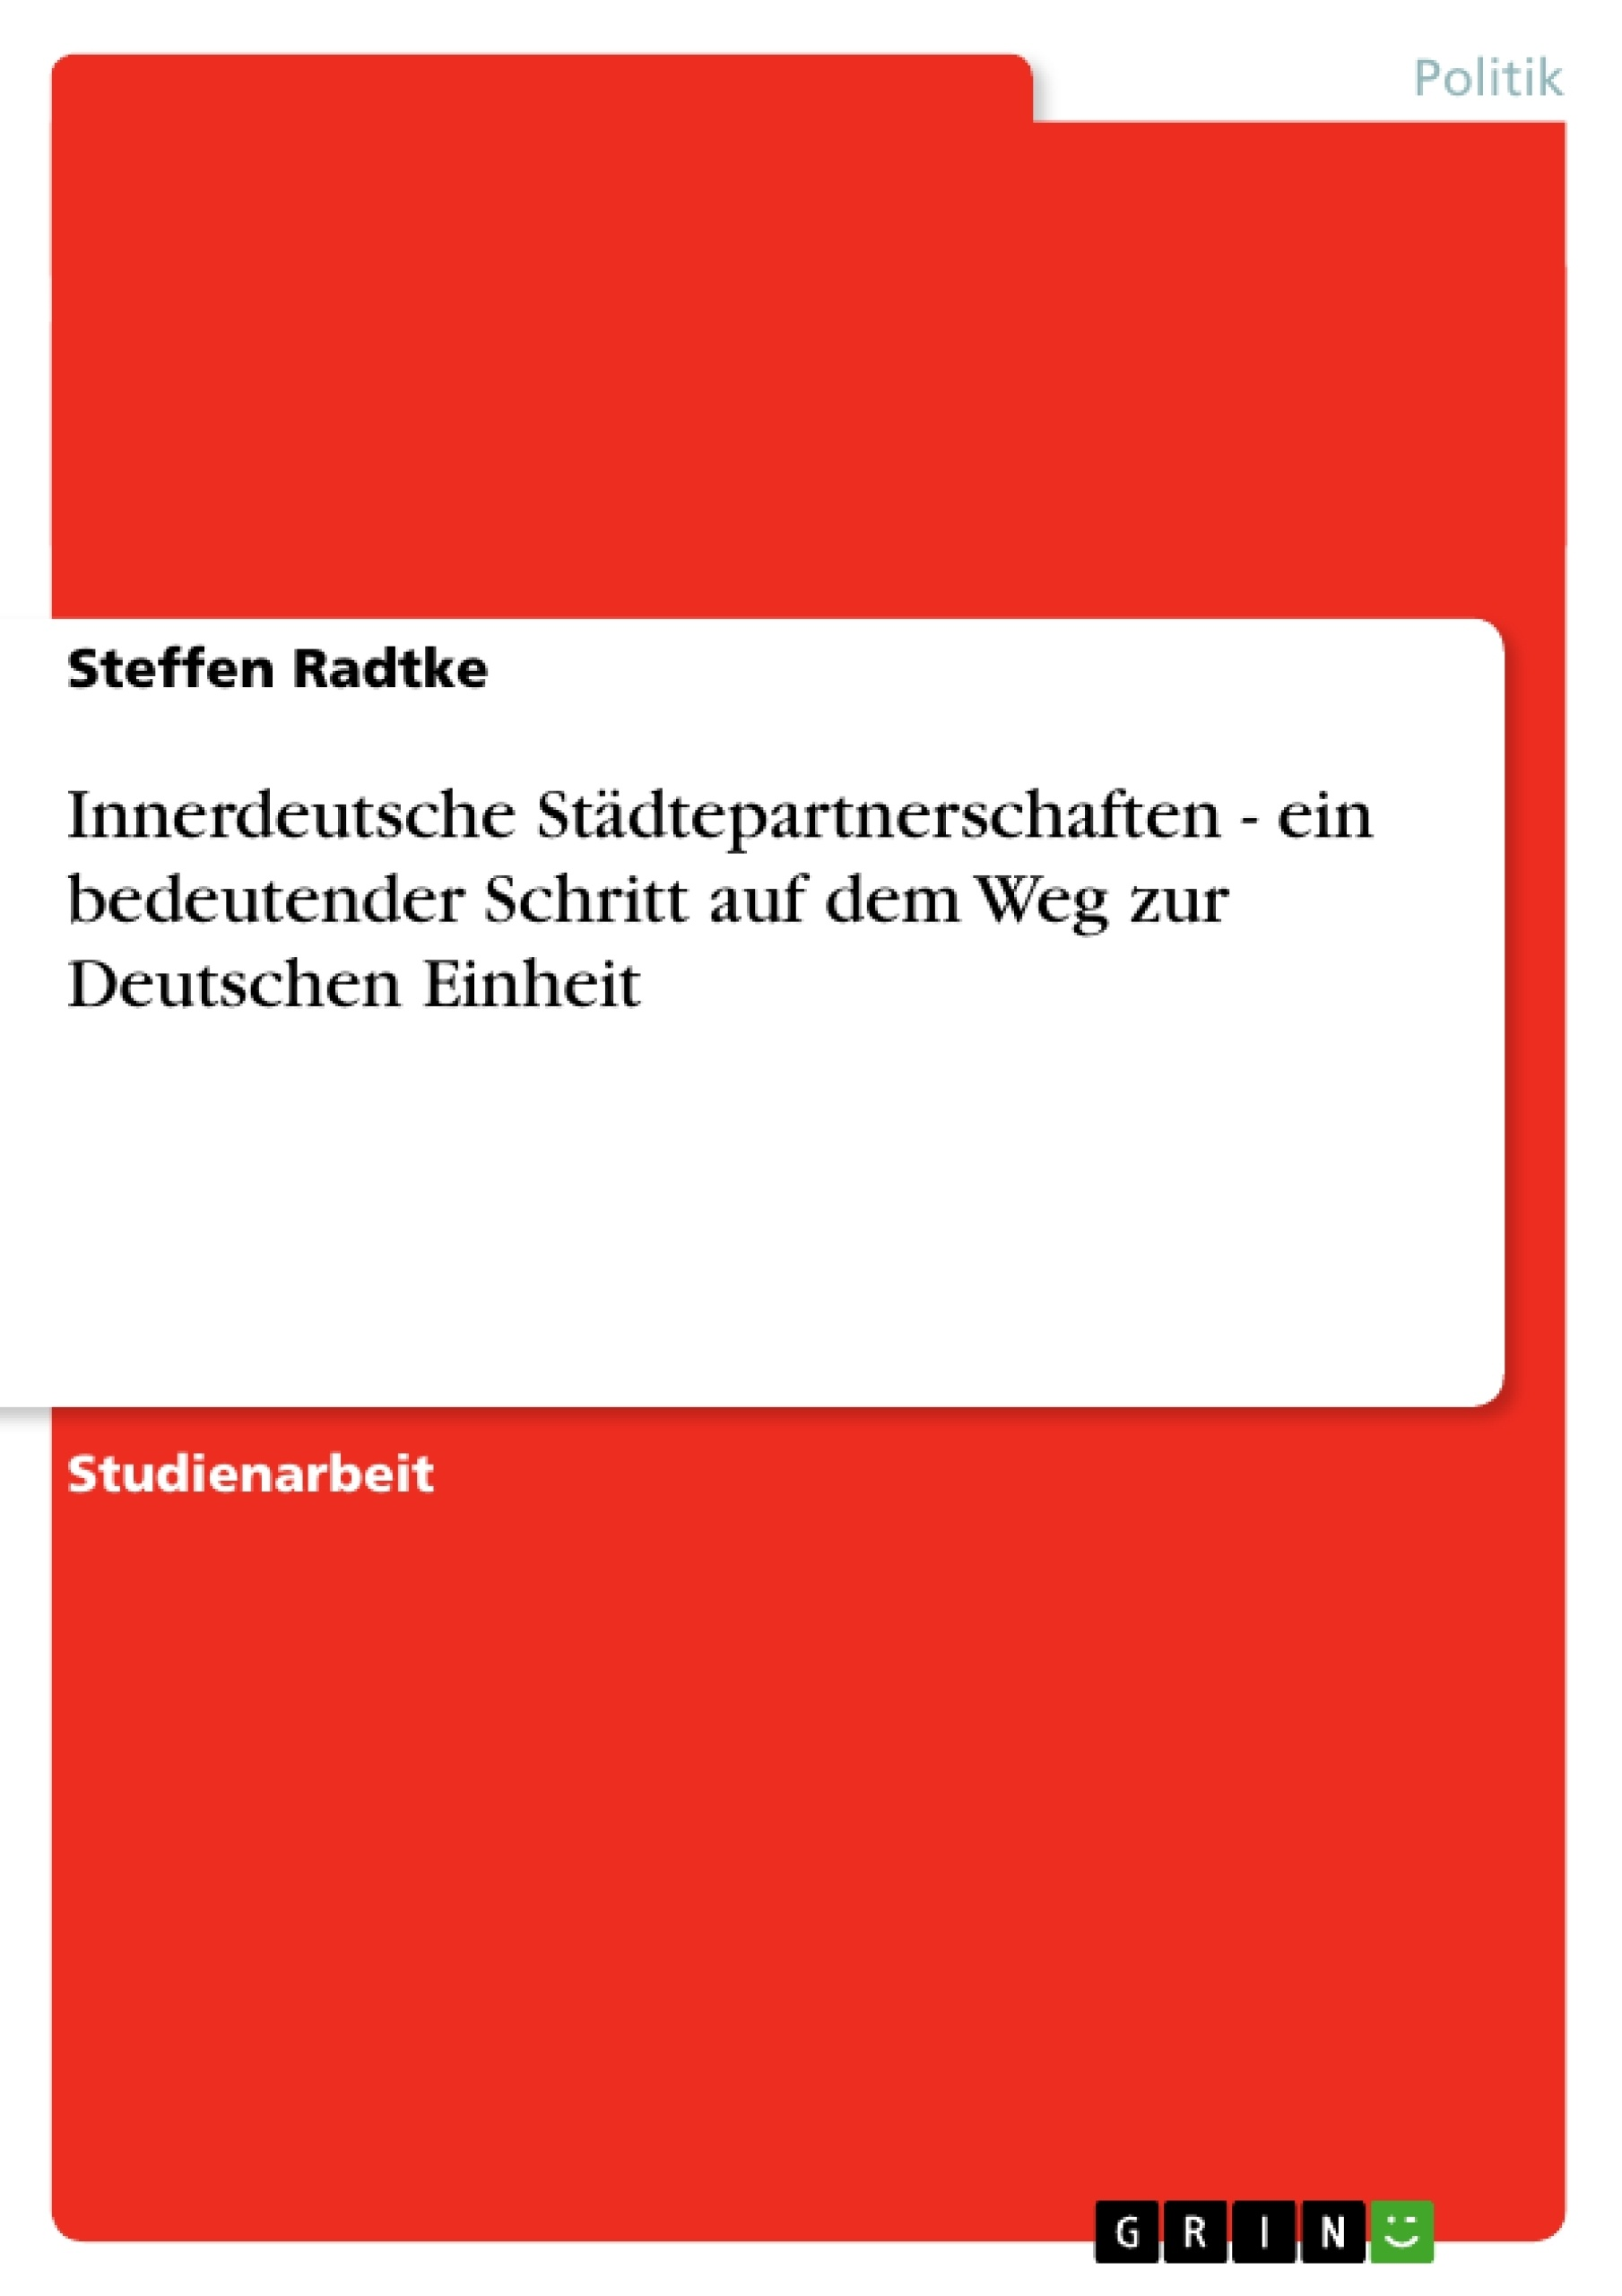 Titel: Innerdeutsche Städtepartnerschaften - ein bedeutender Schritt auf dem Weg zur Deutschen Einheit